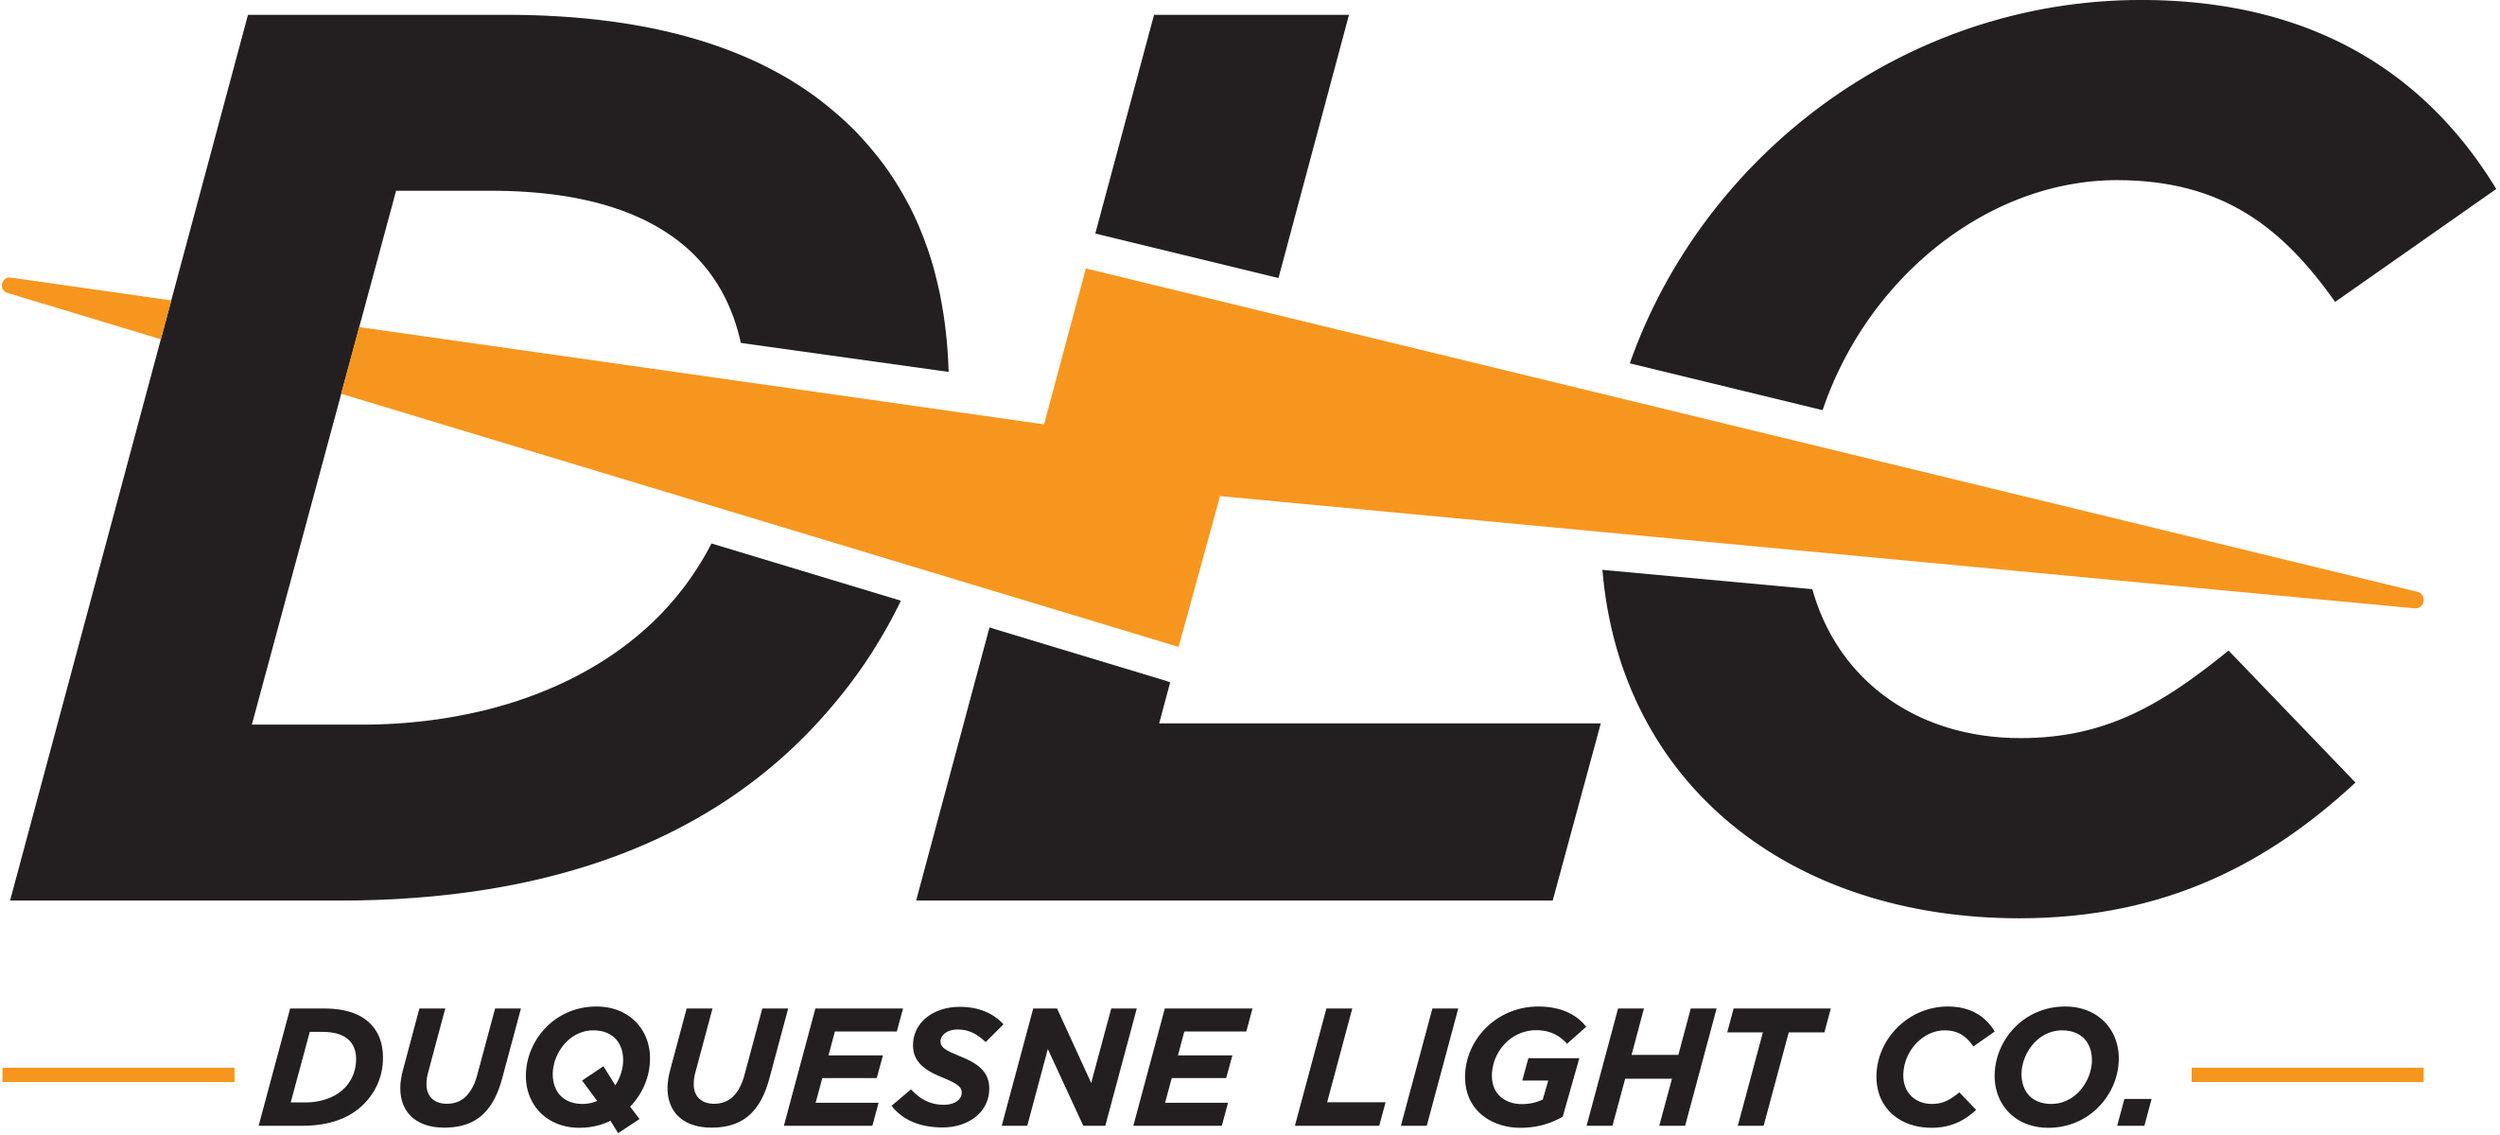 DLC Logo.jpg